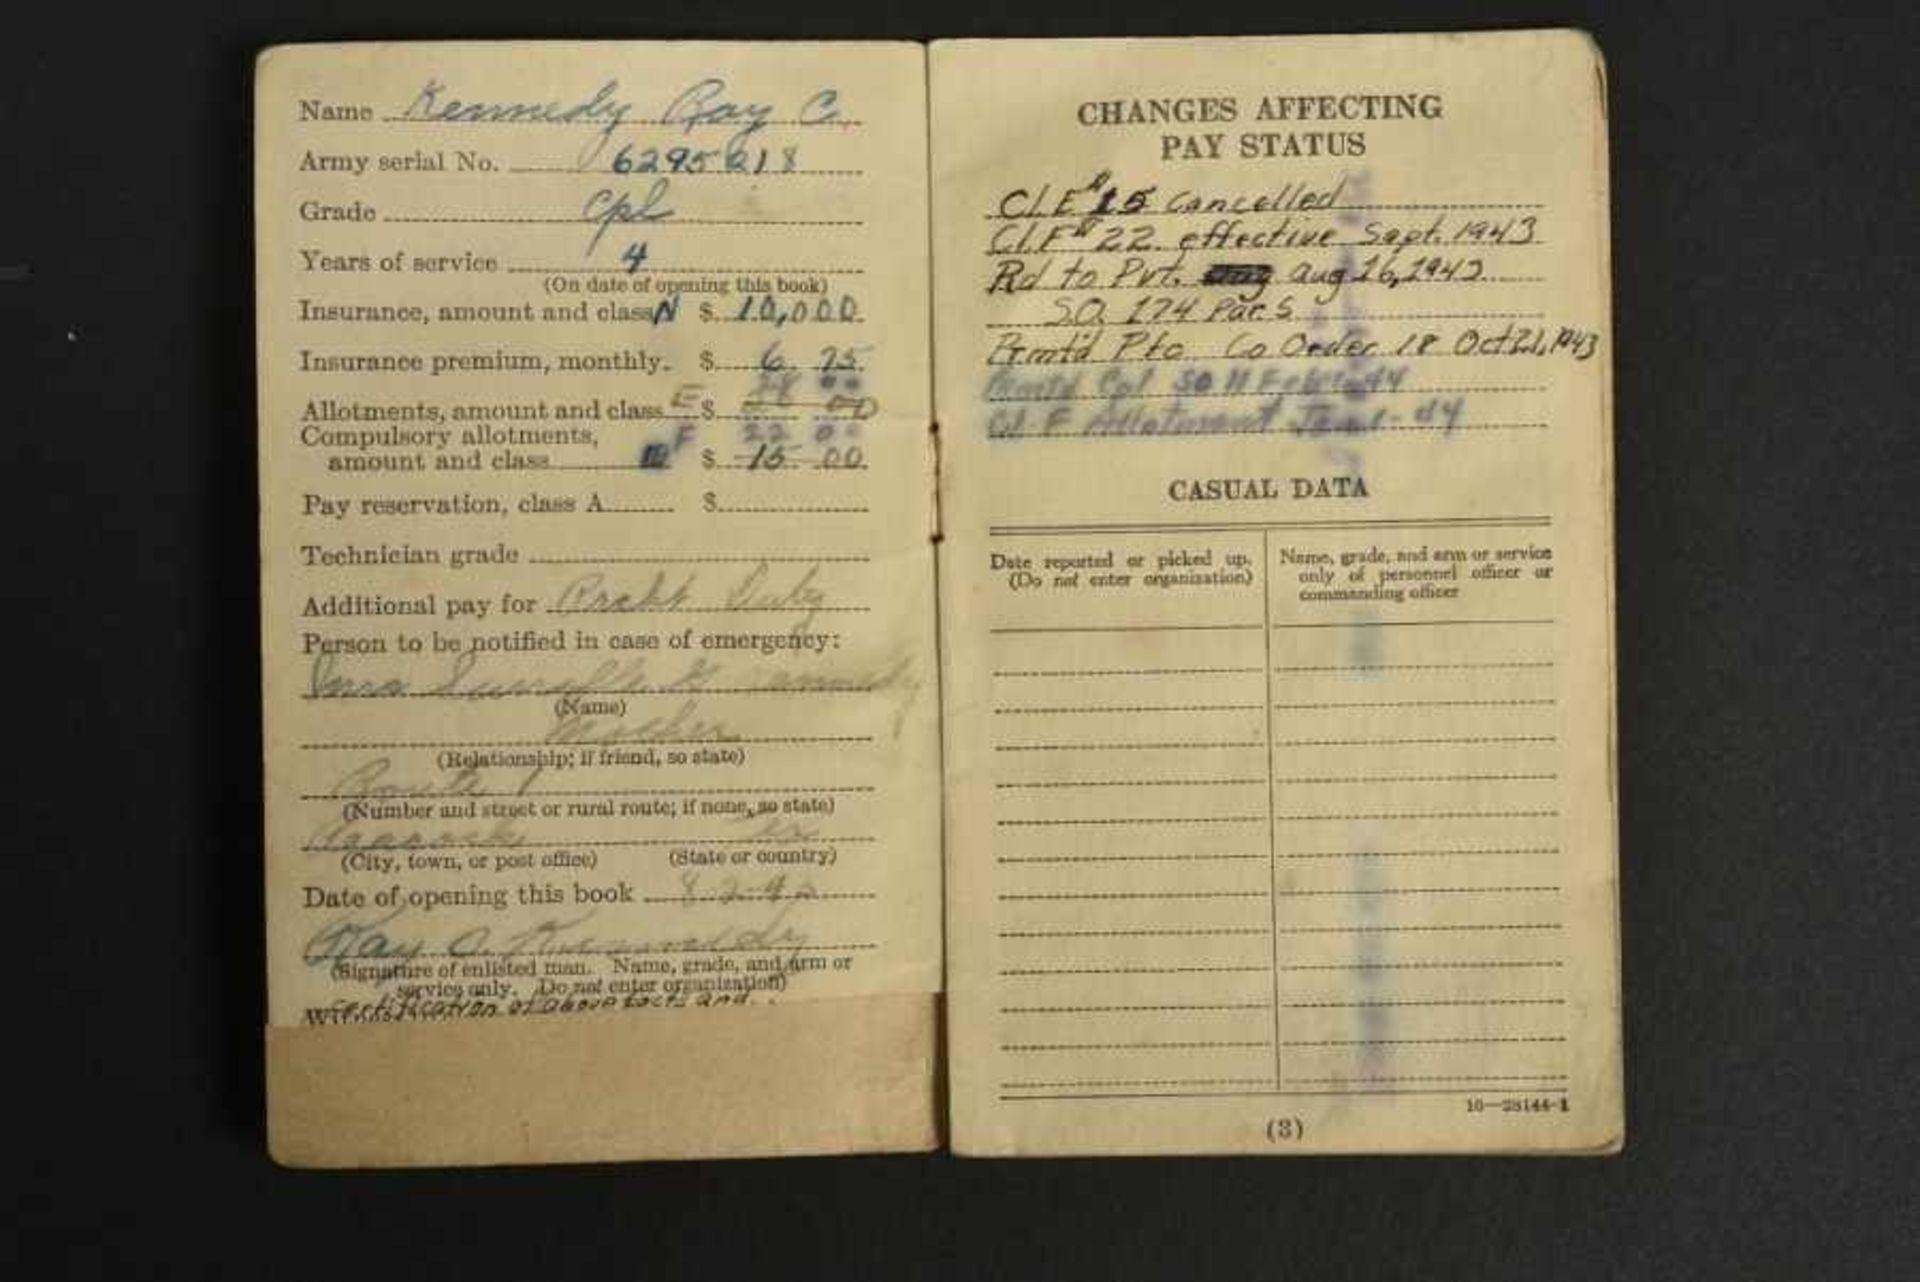 Portefeuille de Ray Kennedy Compagnie E du 507th PIR de la 82ème Airborne. Pocket book belonging - Bild 2 aus 4